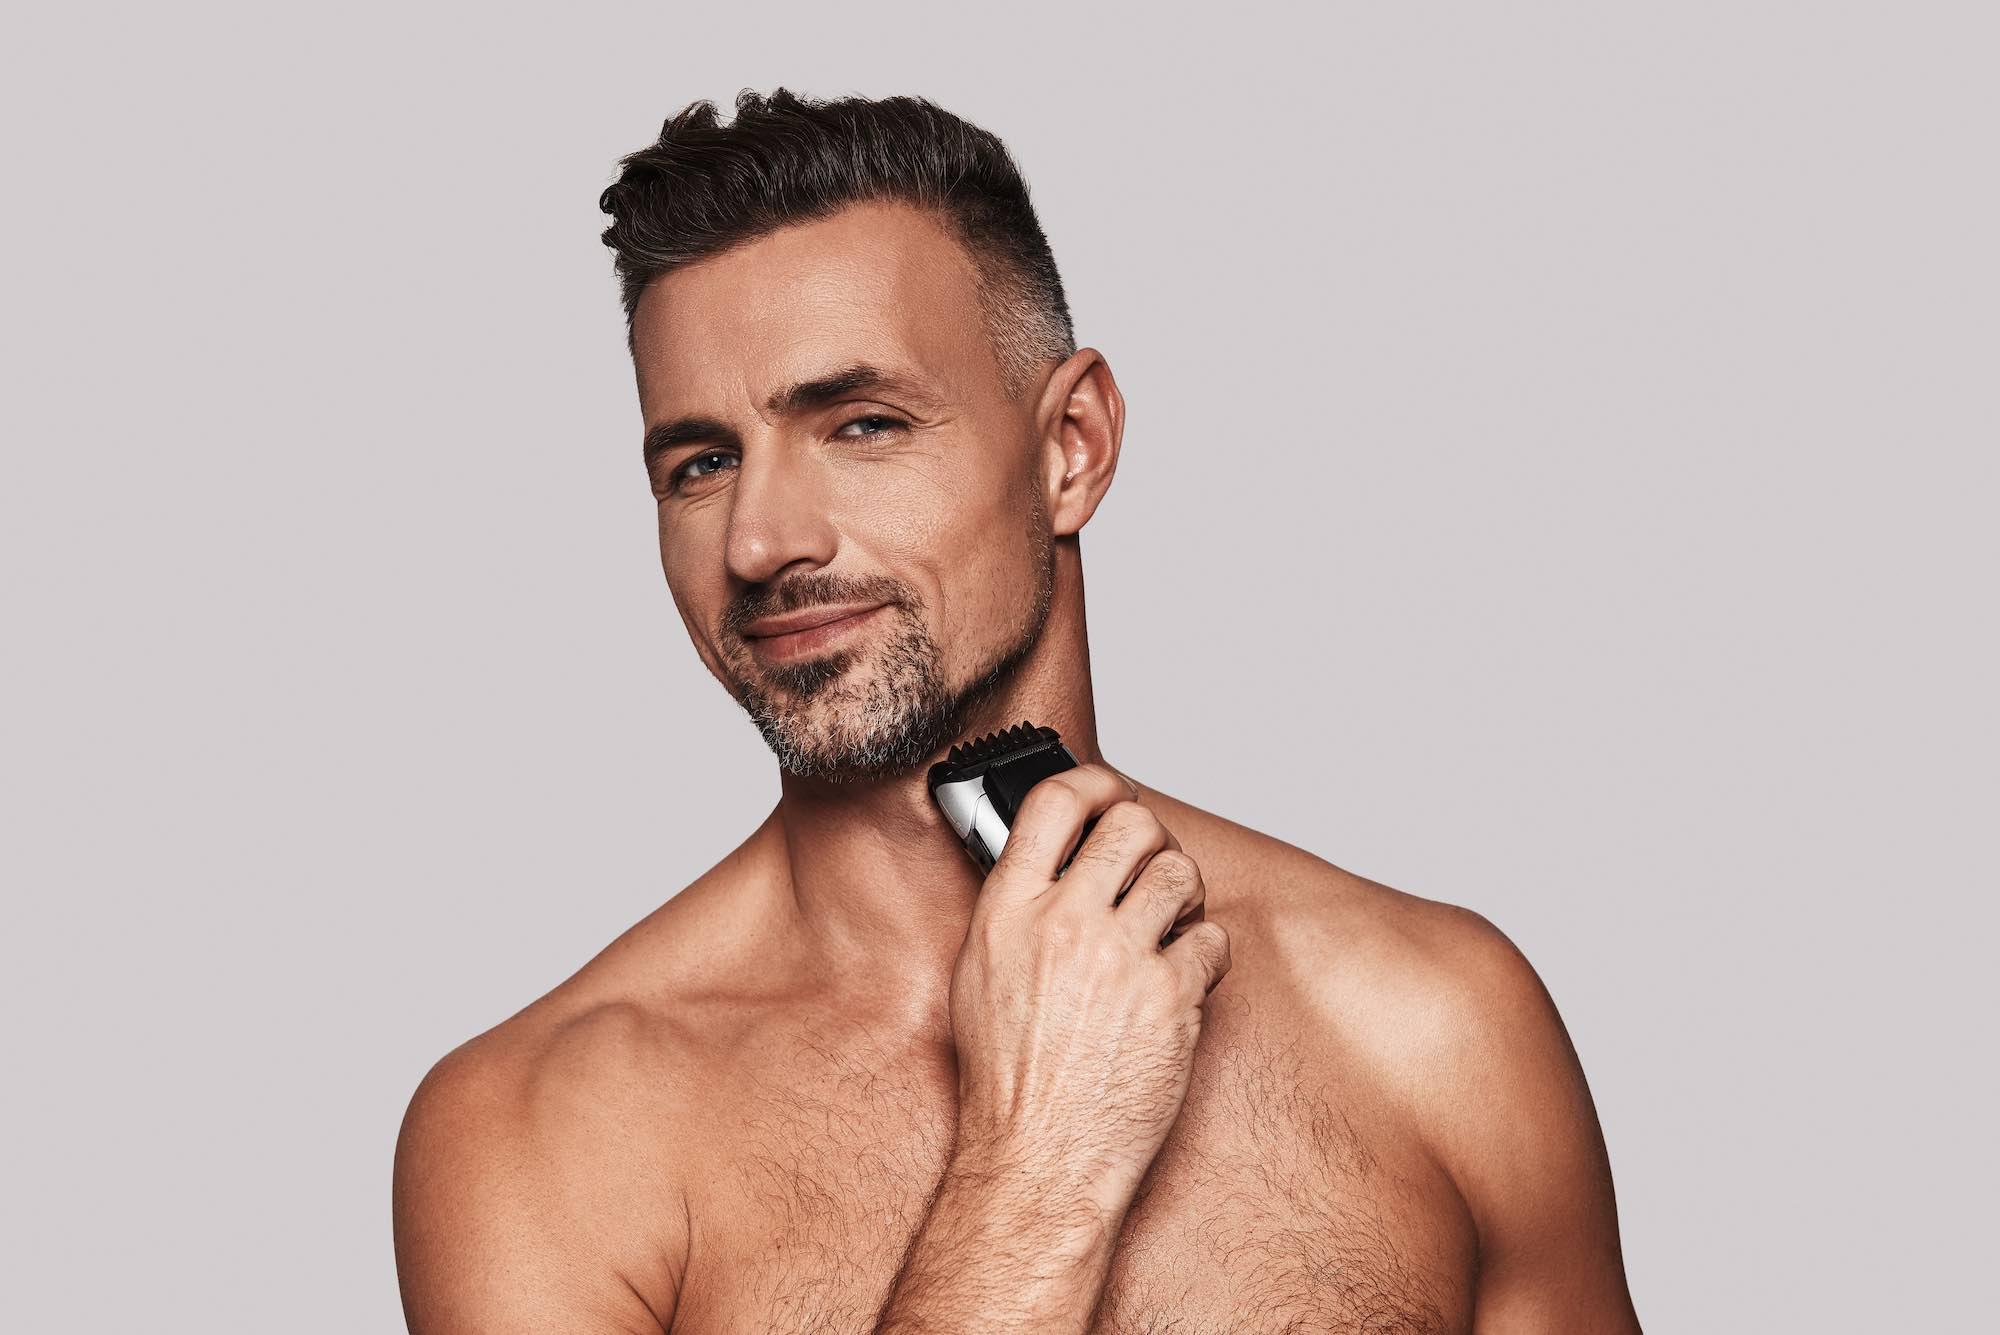 Top Facial Hair Tips For 2021